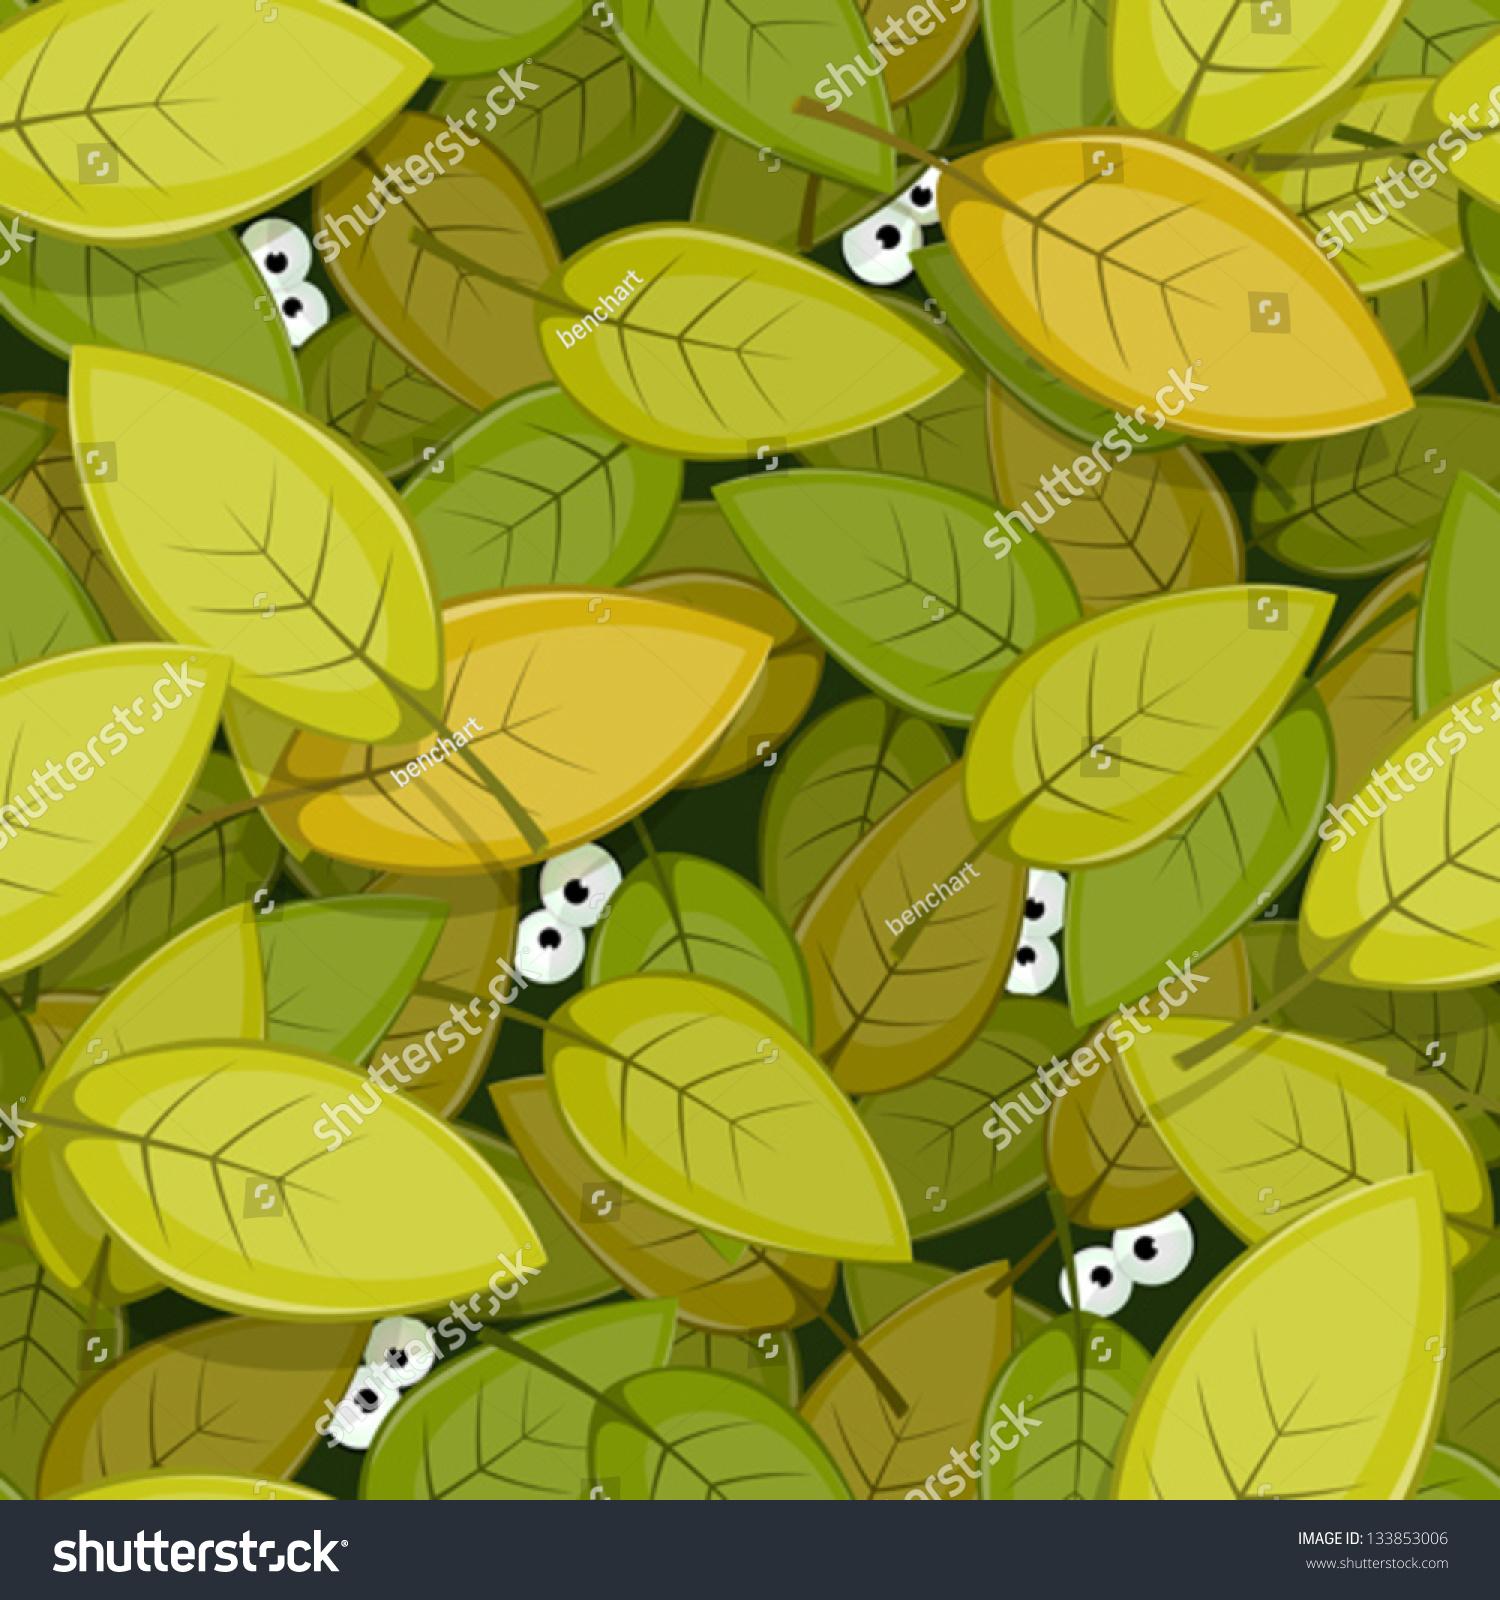 动物的眼睛在绿叶无缝背景/插图无缝绿叶背景与有趣的